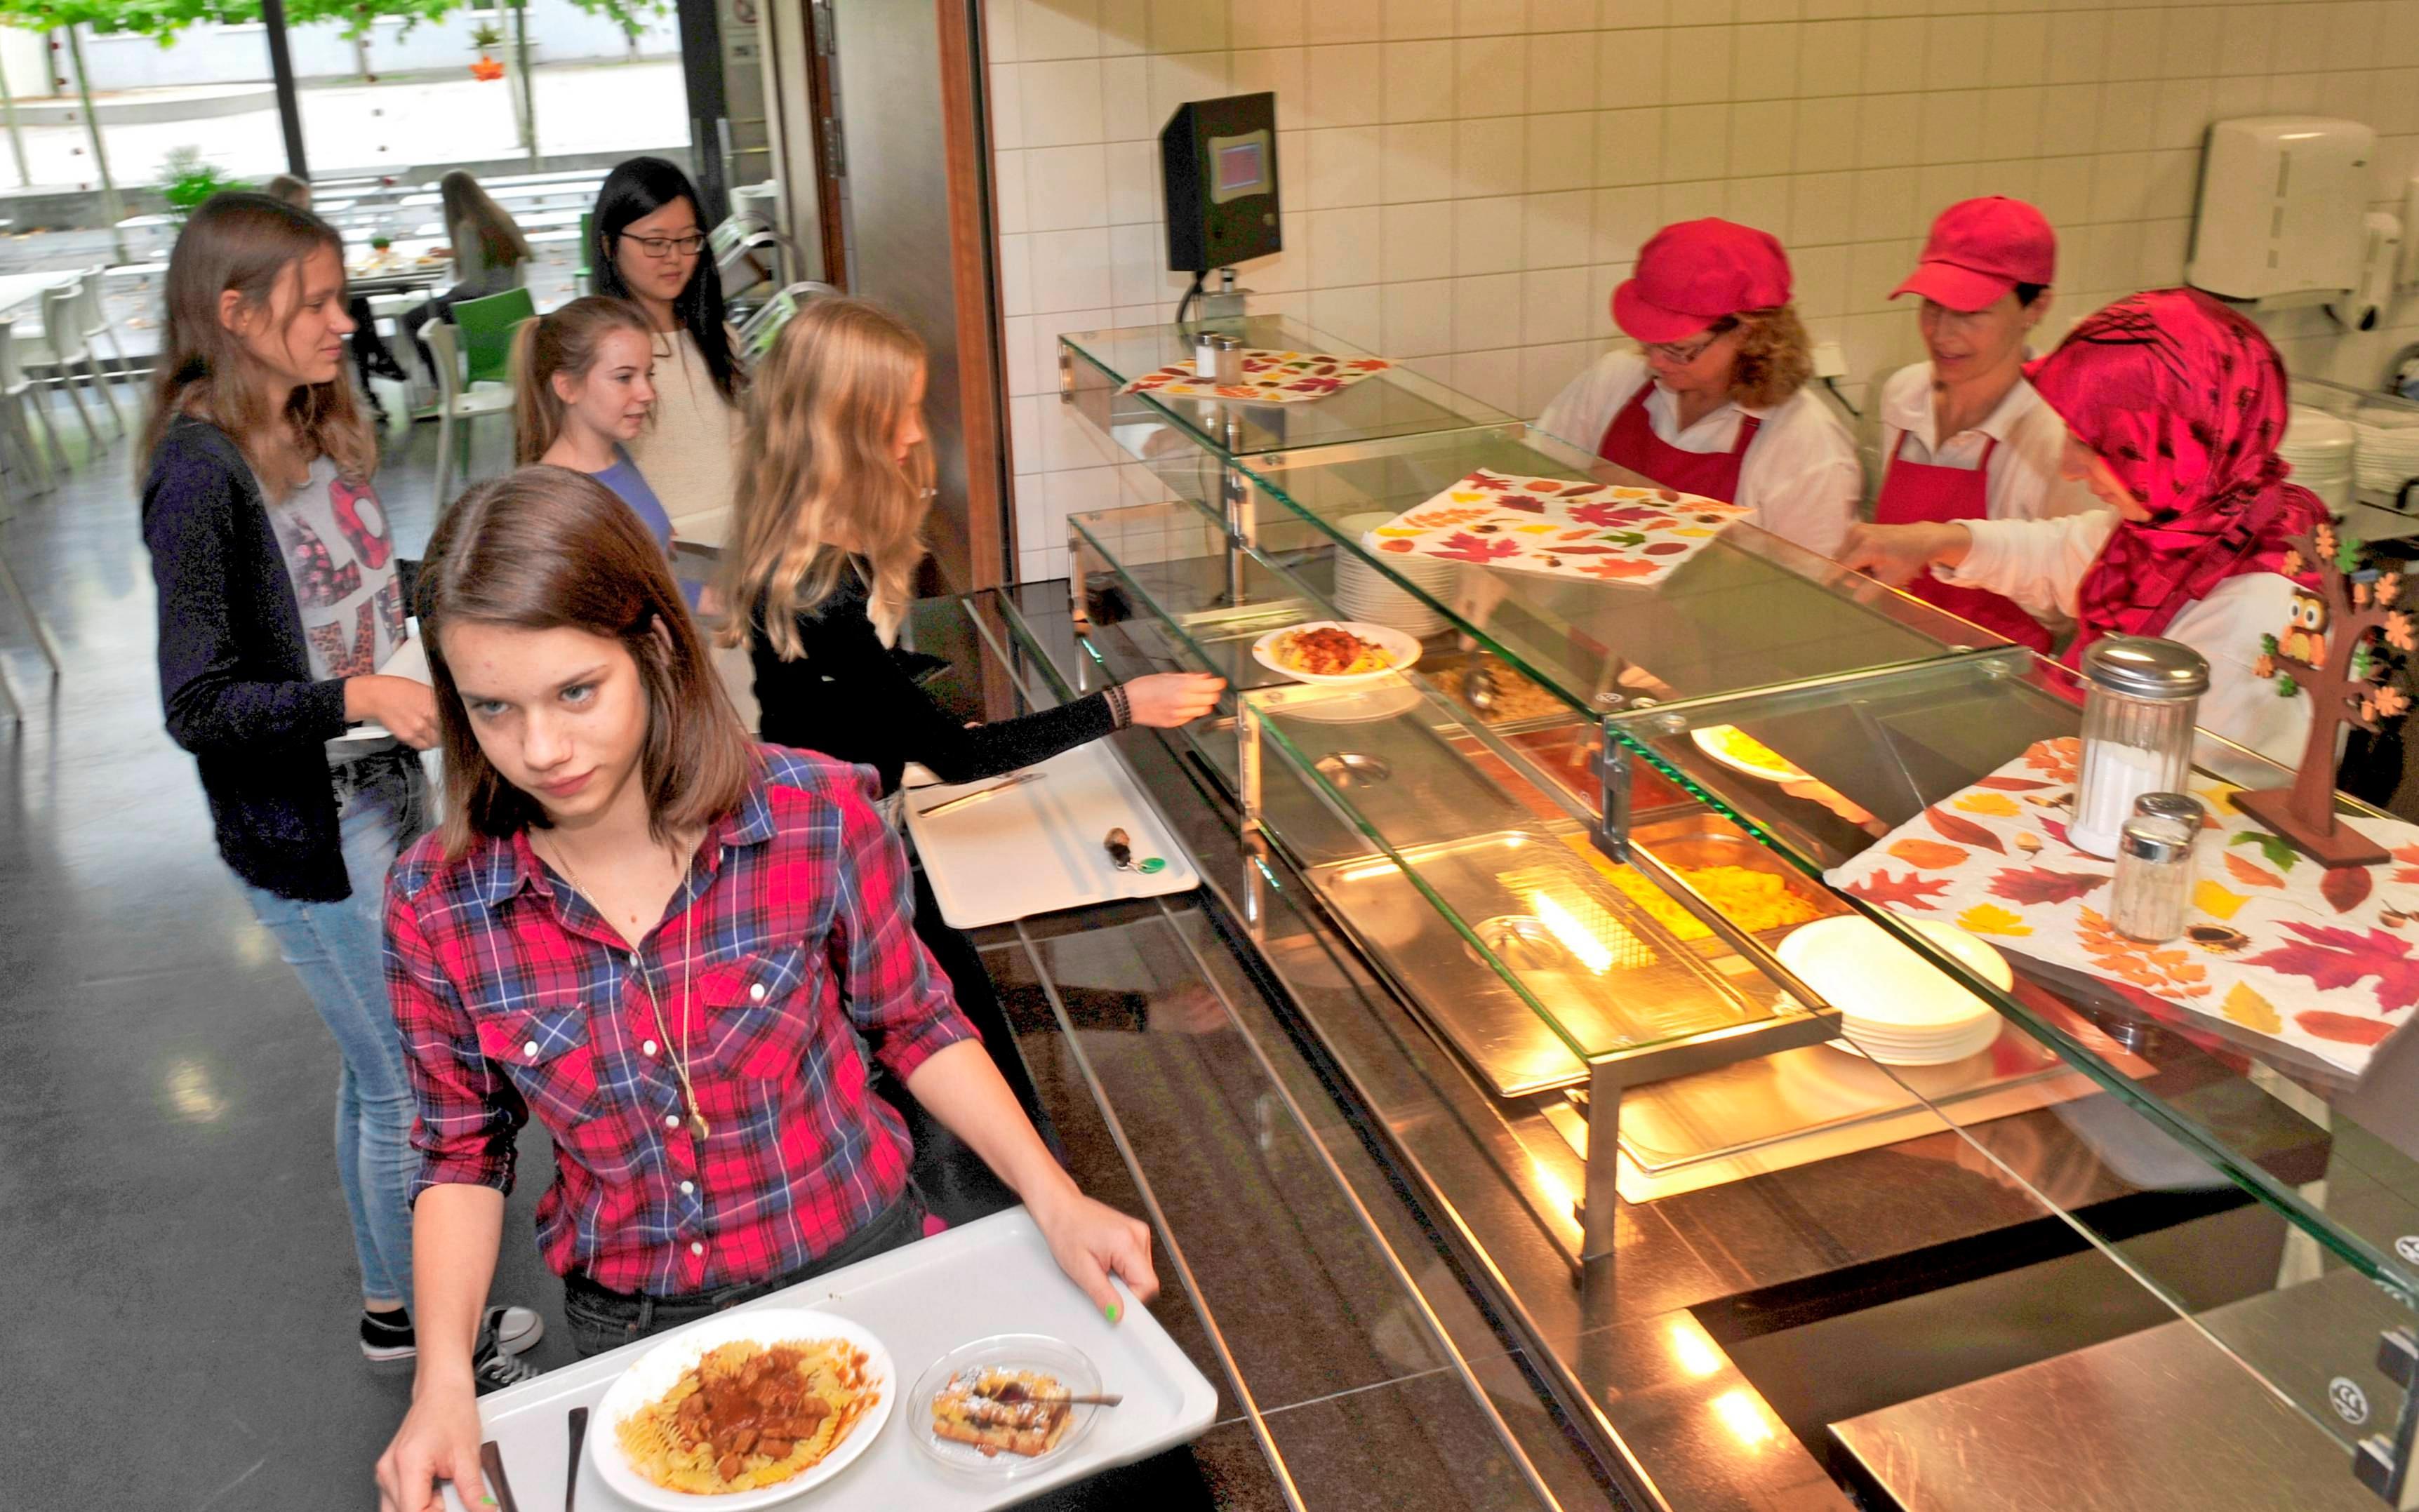 Von der Belieferung durch einen Catering-Service ausgenommen ist weiterhin das ASG . Dort bereitet ein ehrenamtliches Kochteam die Speisen zu, Foto: Archiv/Berger